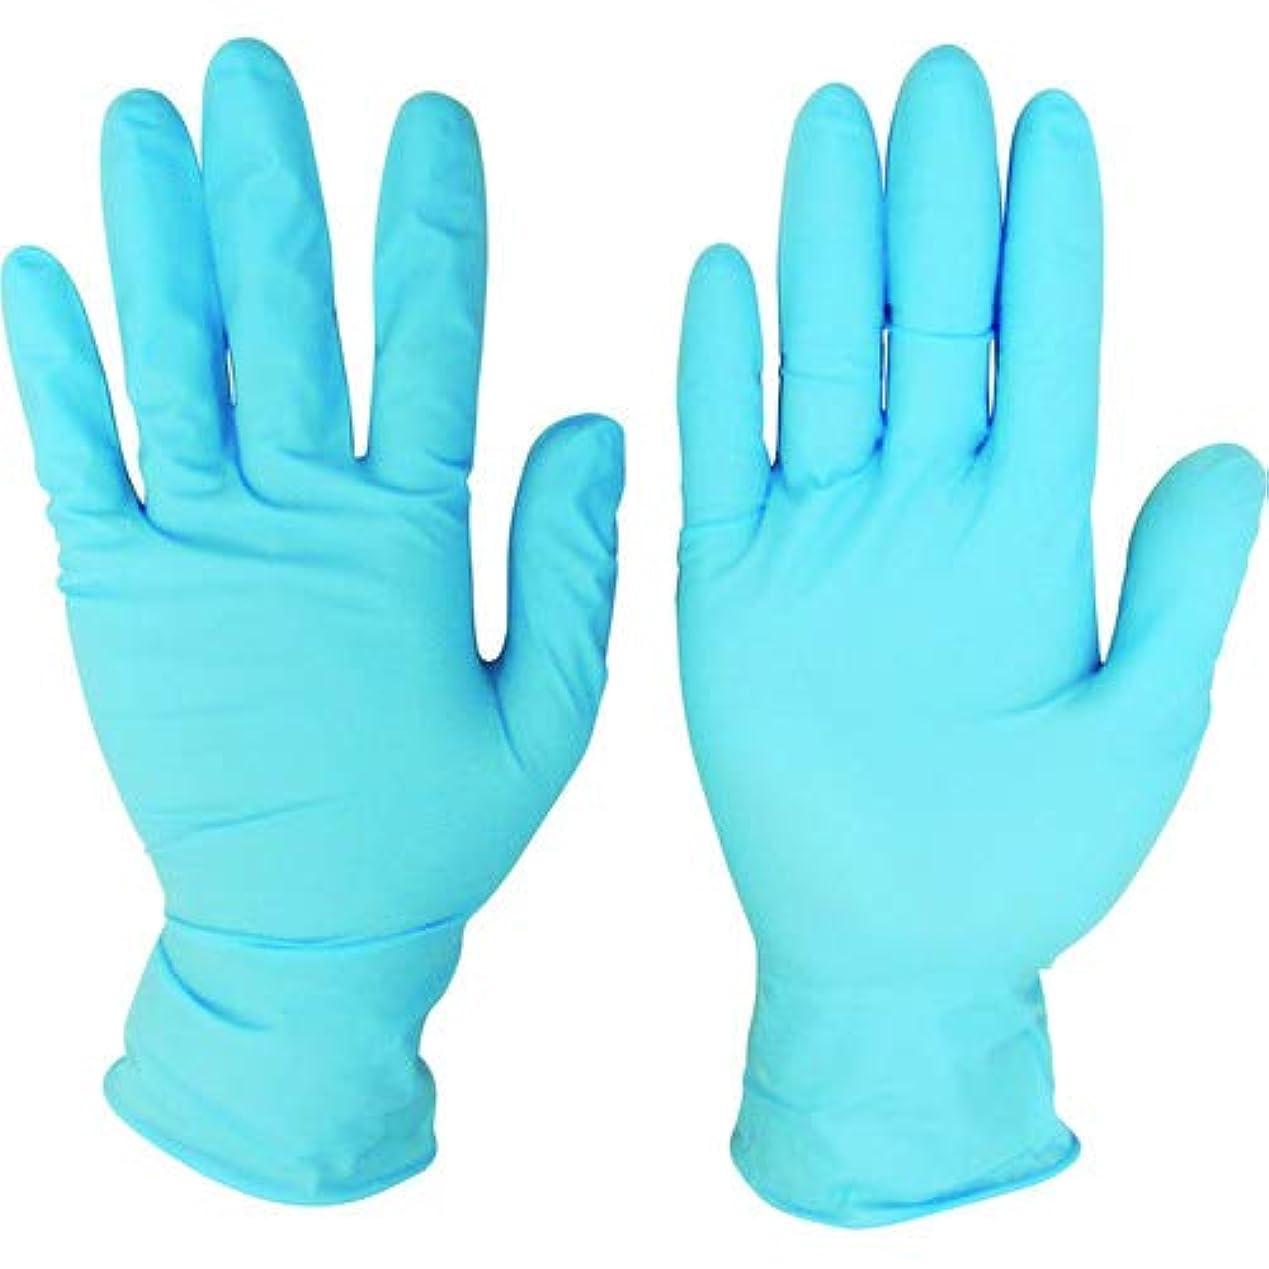 カレンダーパースブラックボロウしないでくださいニトリルディスポ手袋 青 No.210 パウダーフリー(100枚入)S